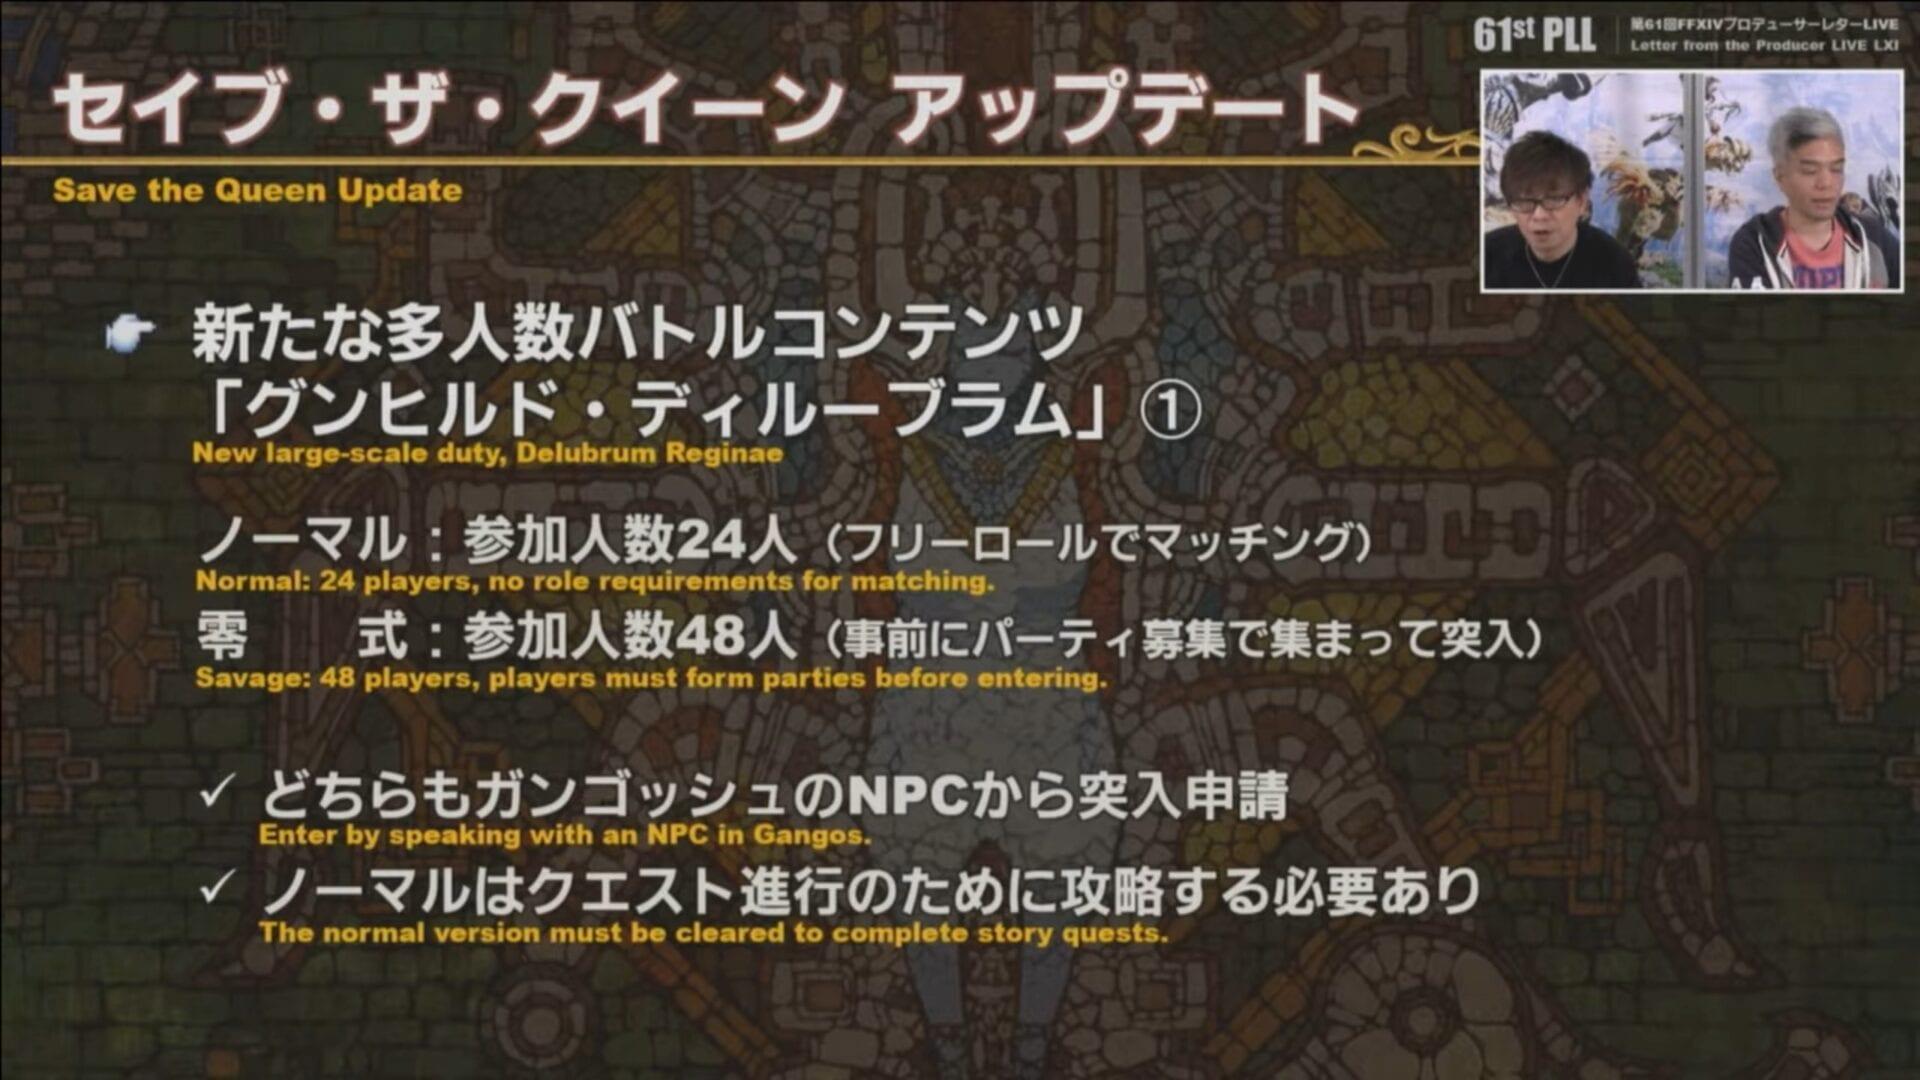 Final-Fantasy-XIV-1-3-scaled.jpg?ssl=1